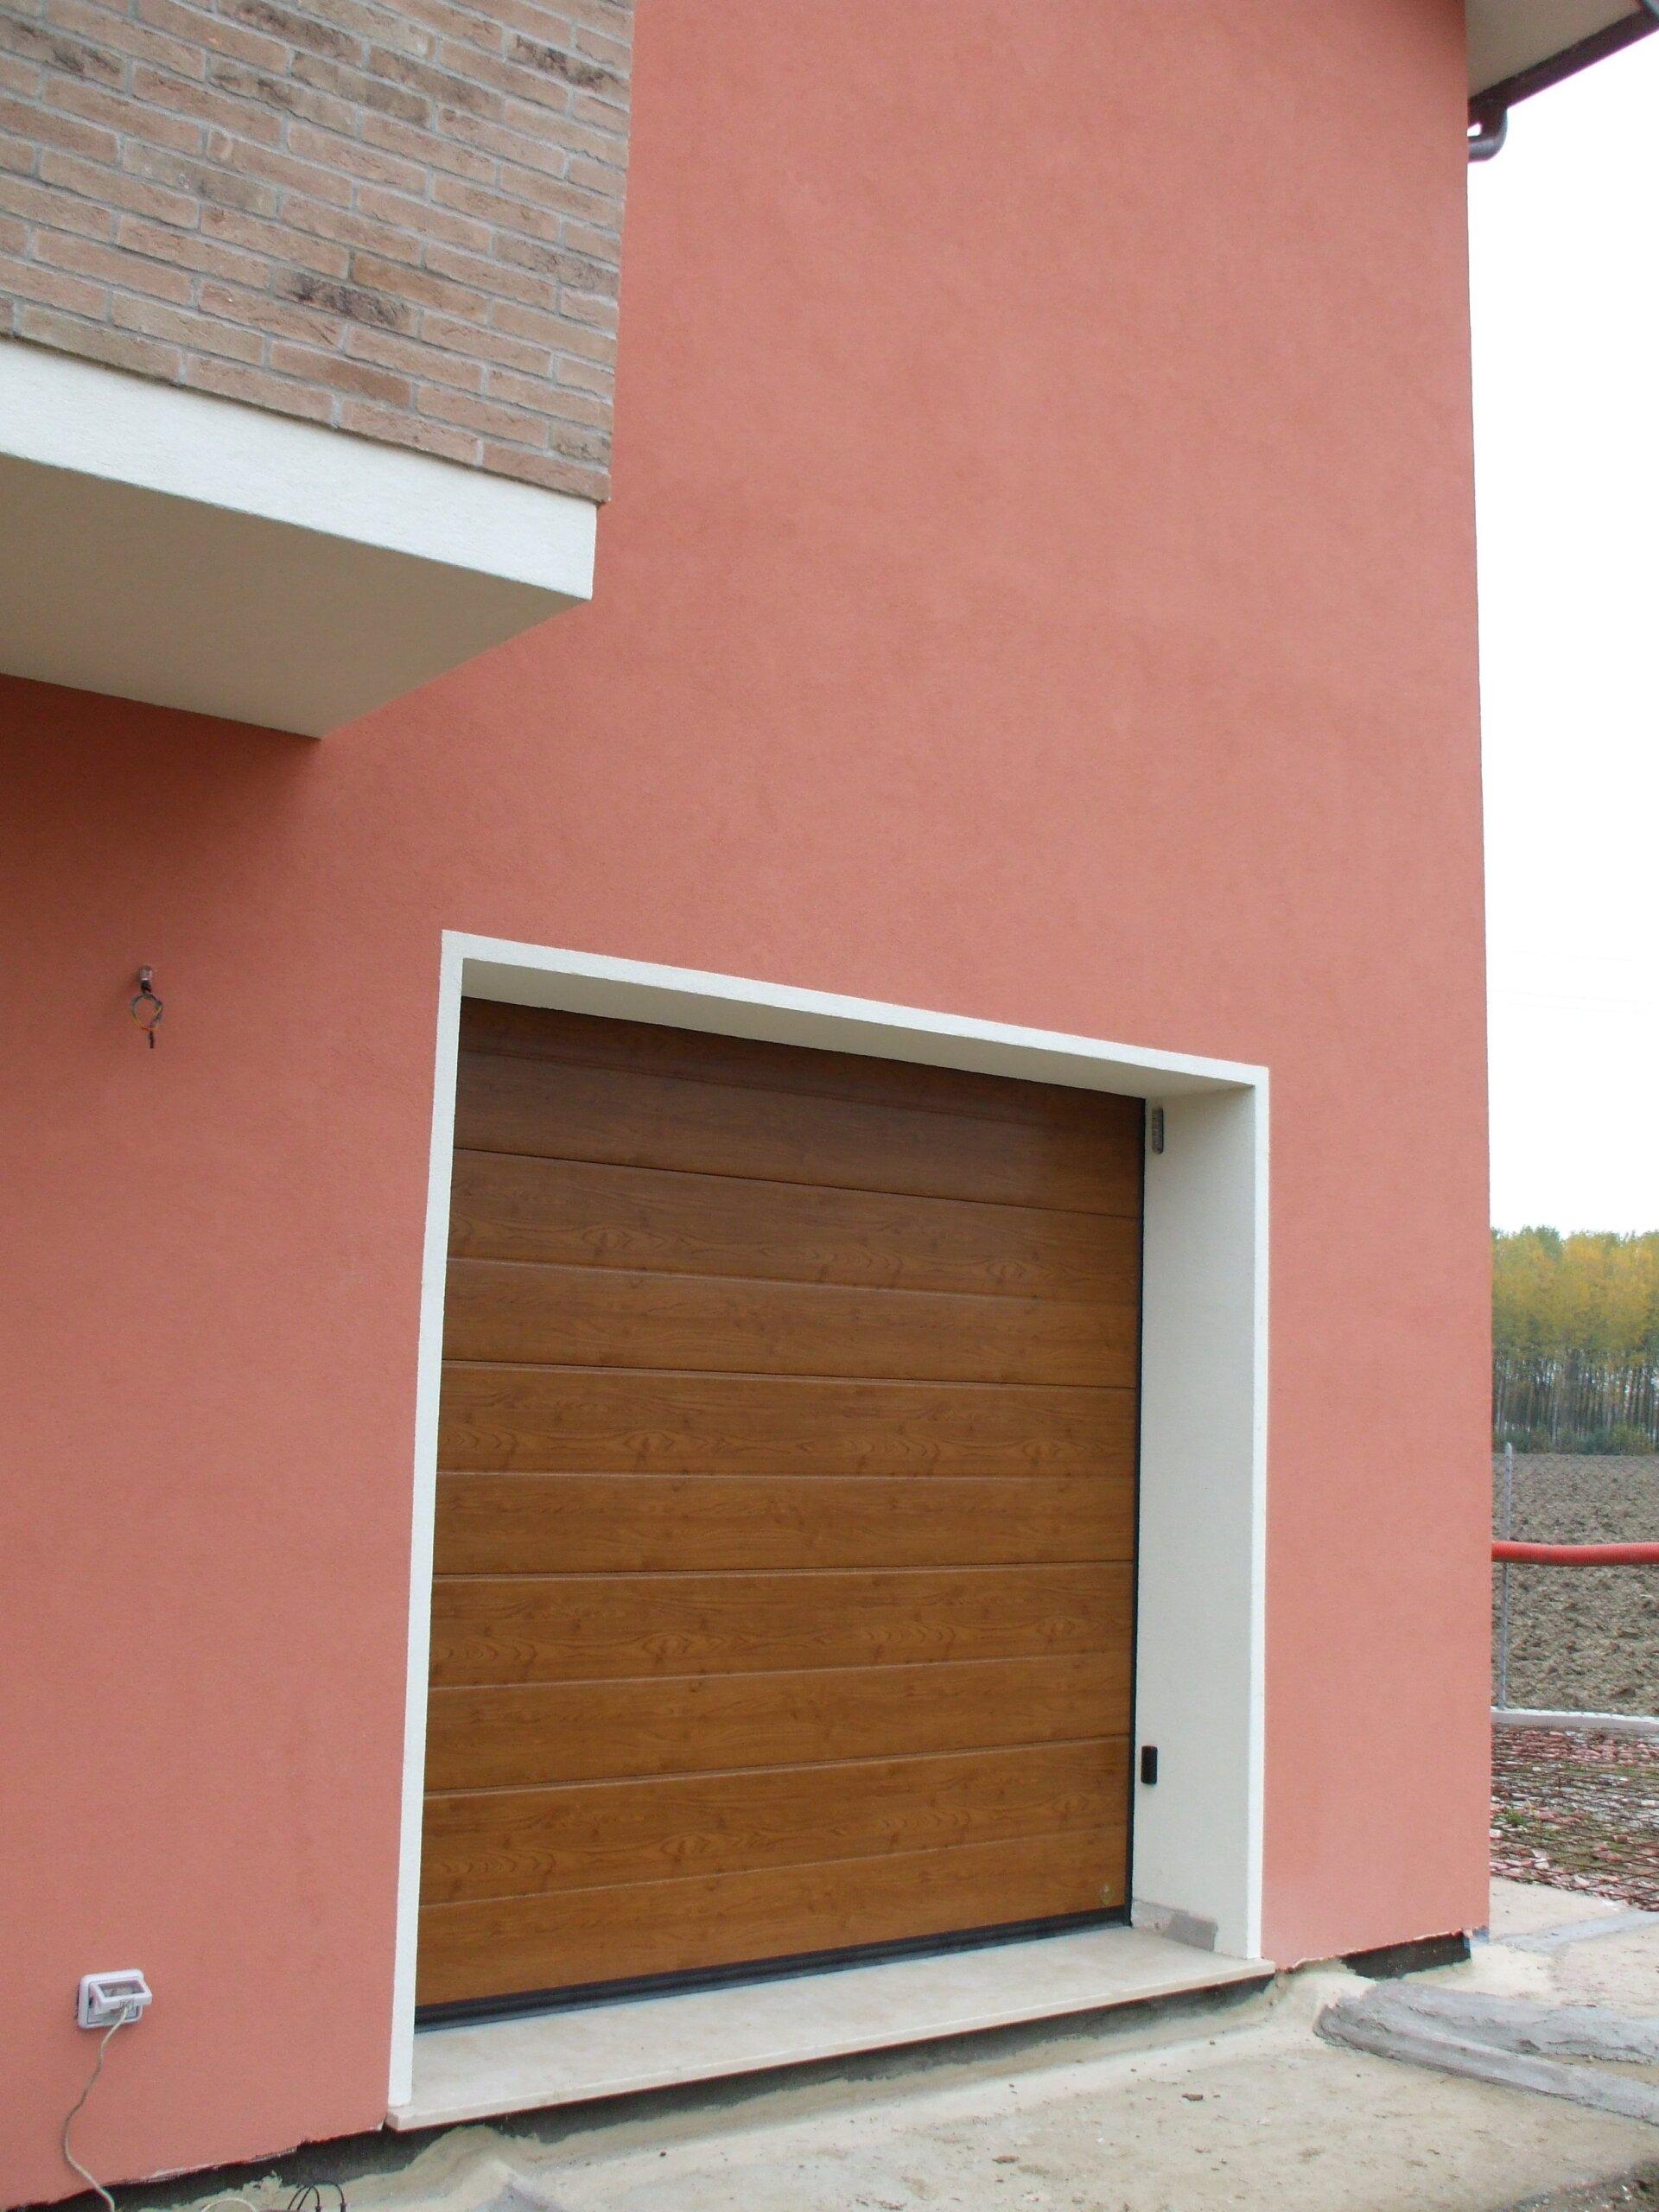 garage con serrande chiuse in una costruzione rosa